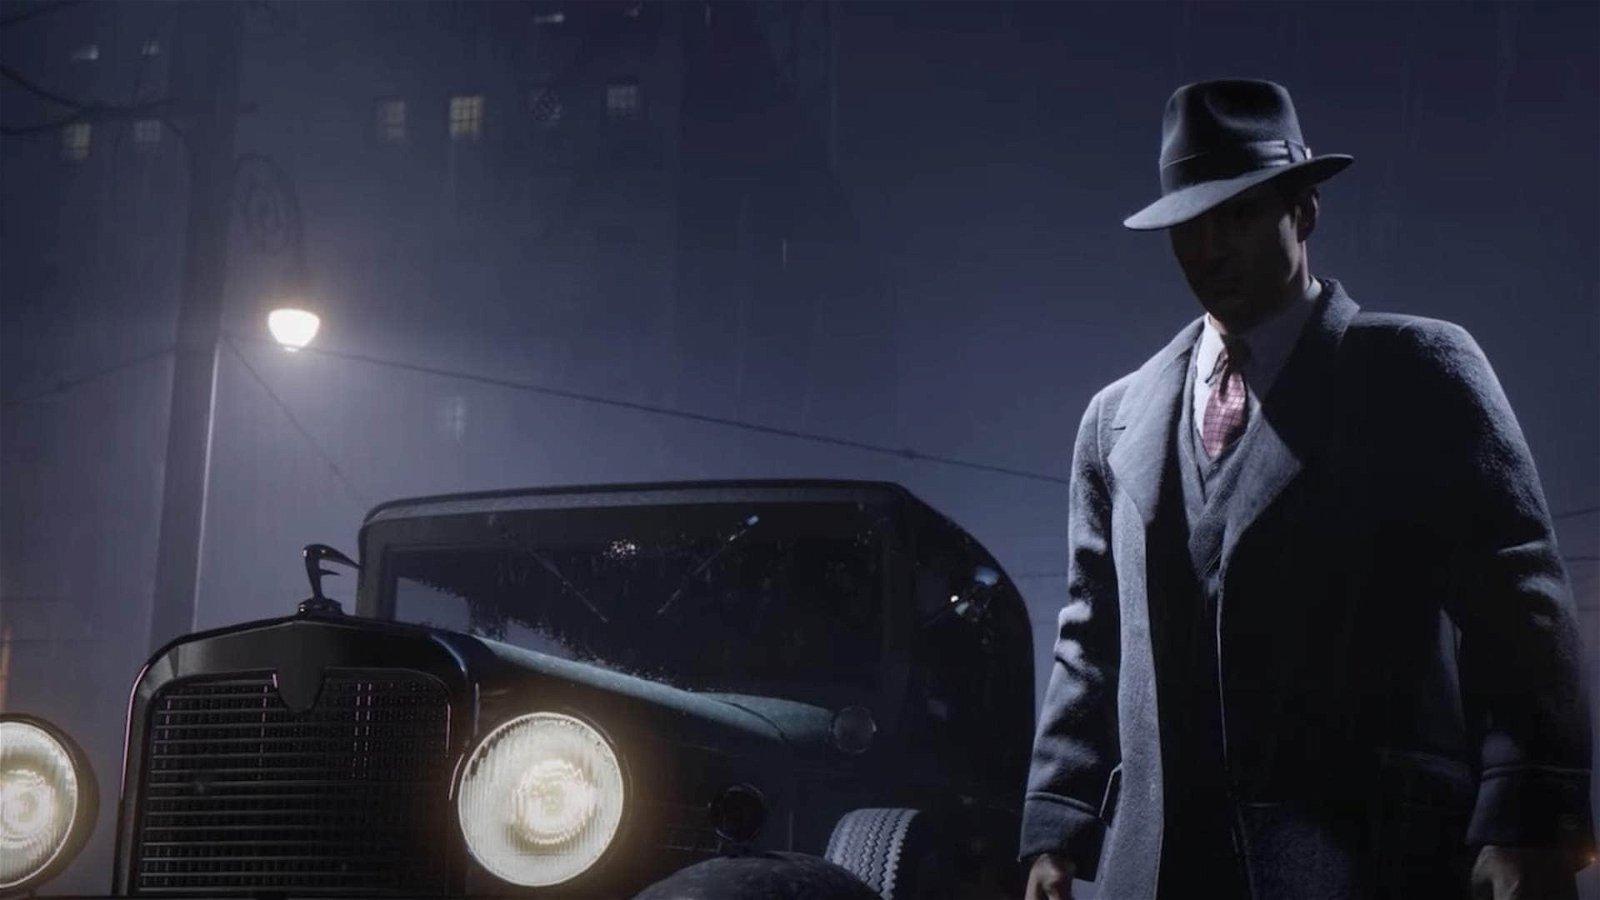 Mafia Trilogy Remasters a Familiar Crime Saga for Consoles